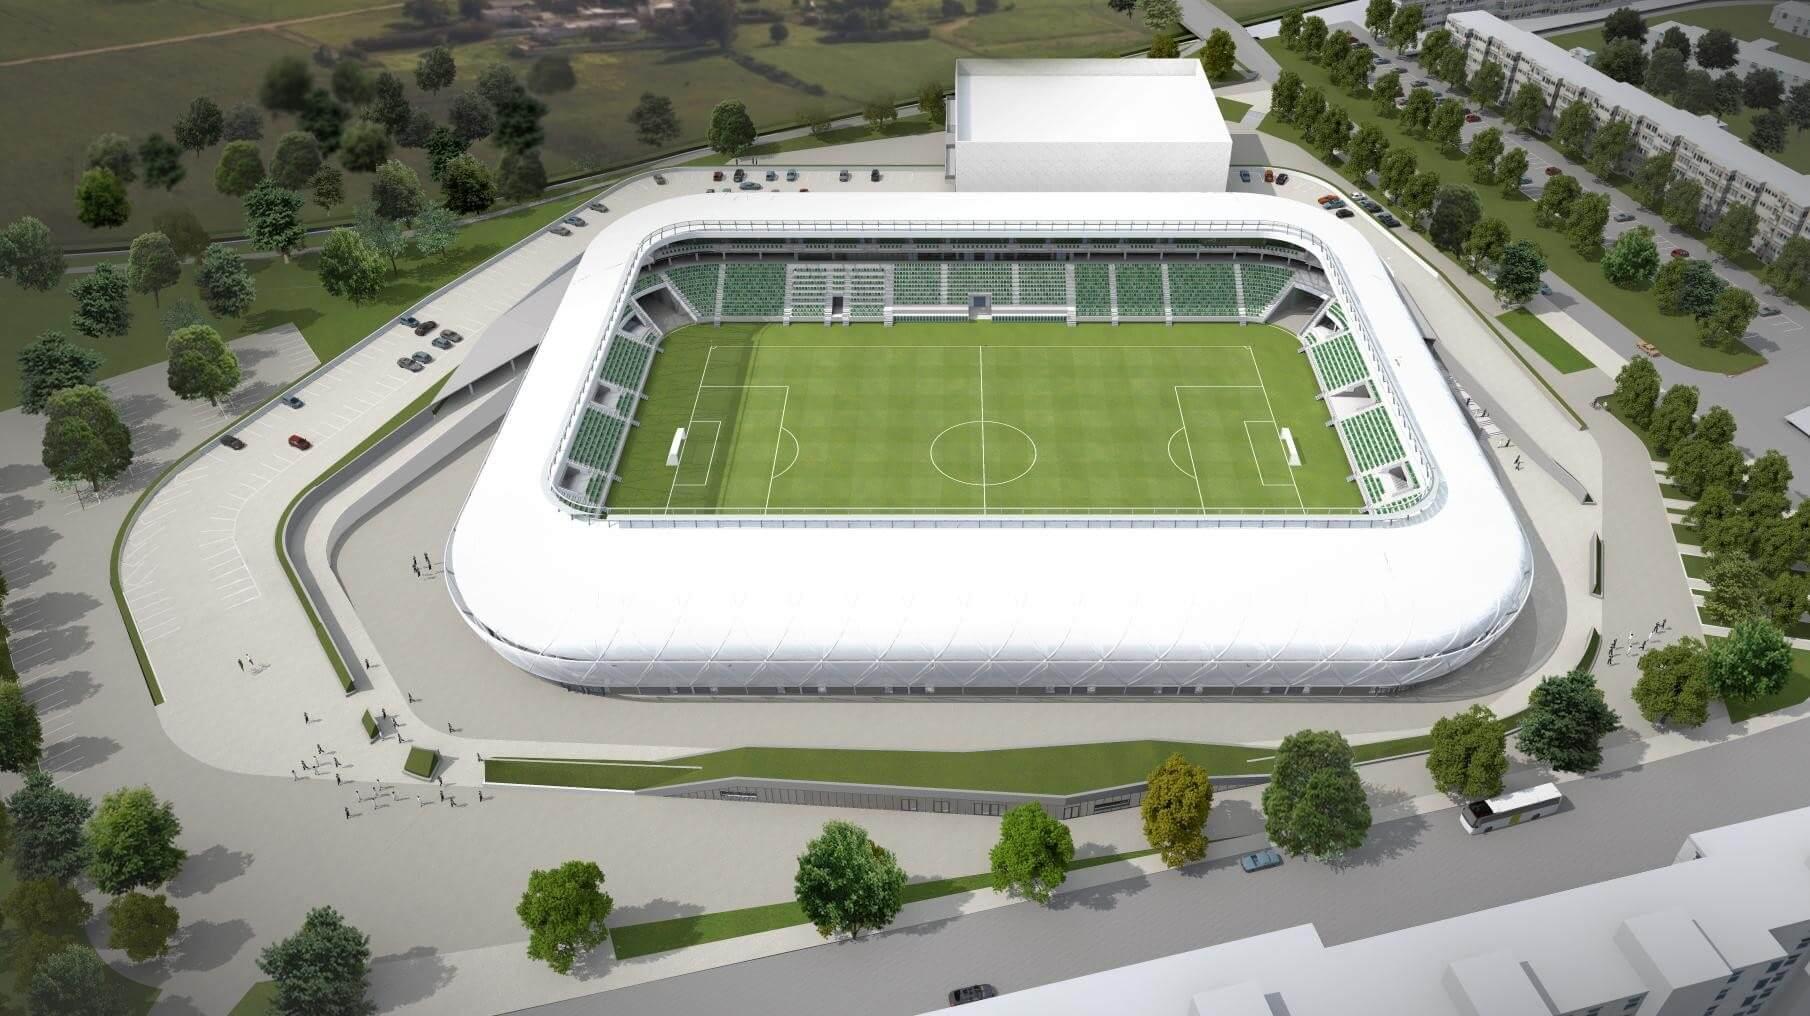 Itt tart a szombathelyi Haladás stadion építése